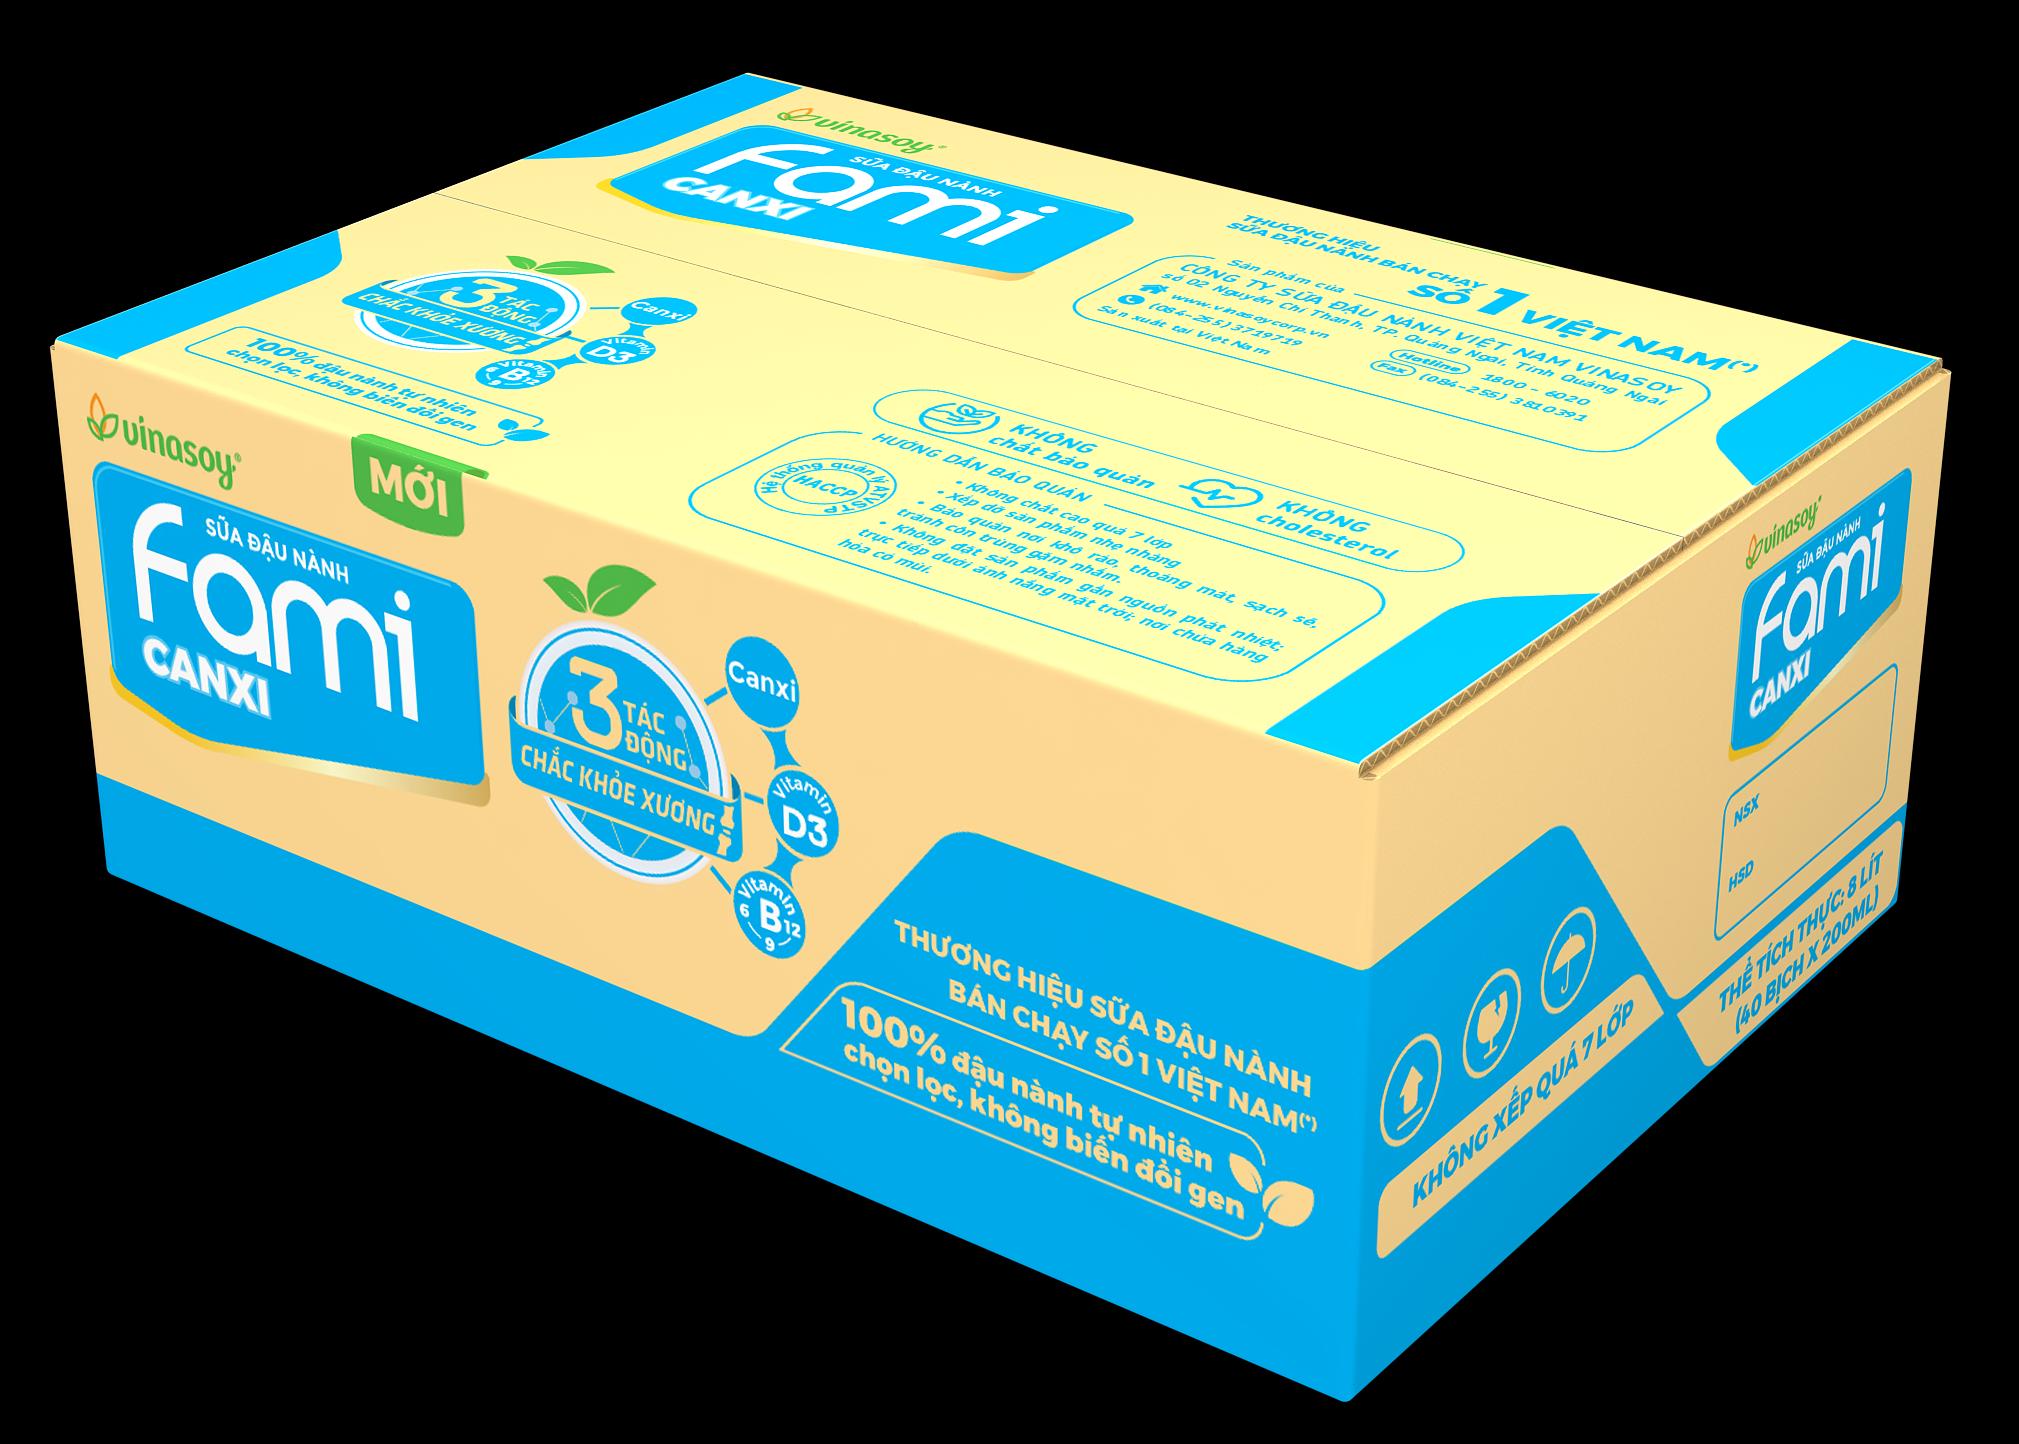 [Siêu thị Lazada] Thùng Sữa Đậu Nành Fami Canxi (40 bịch x 200ml) công thức đột phá bổ sung và giúp cơ thể hấp thụ dưỡng chất